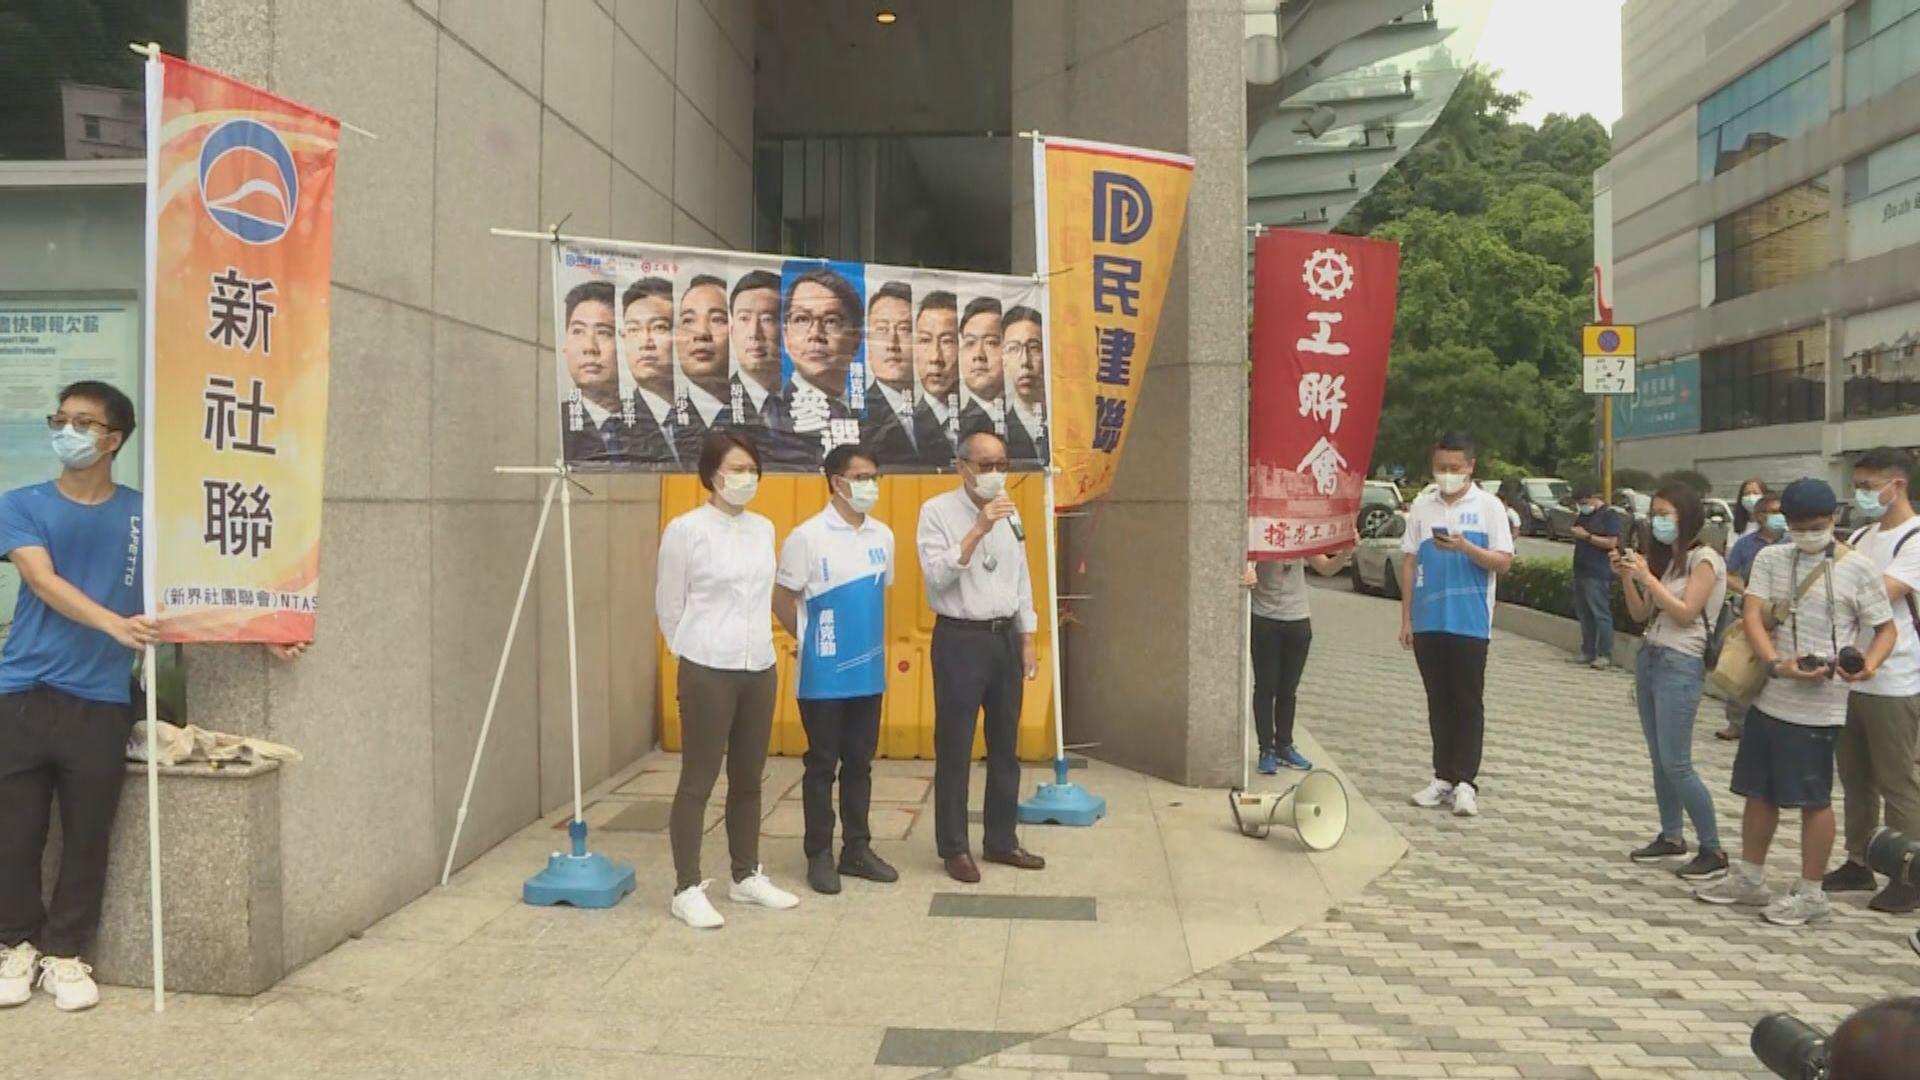 陳克勤、劉頴匡報名參選新界東